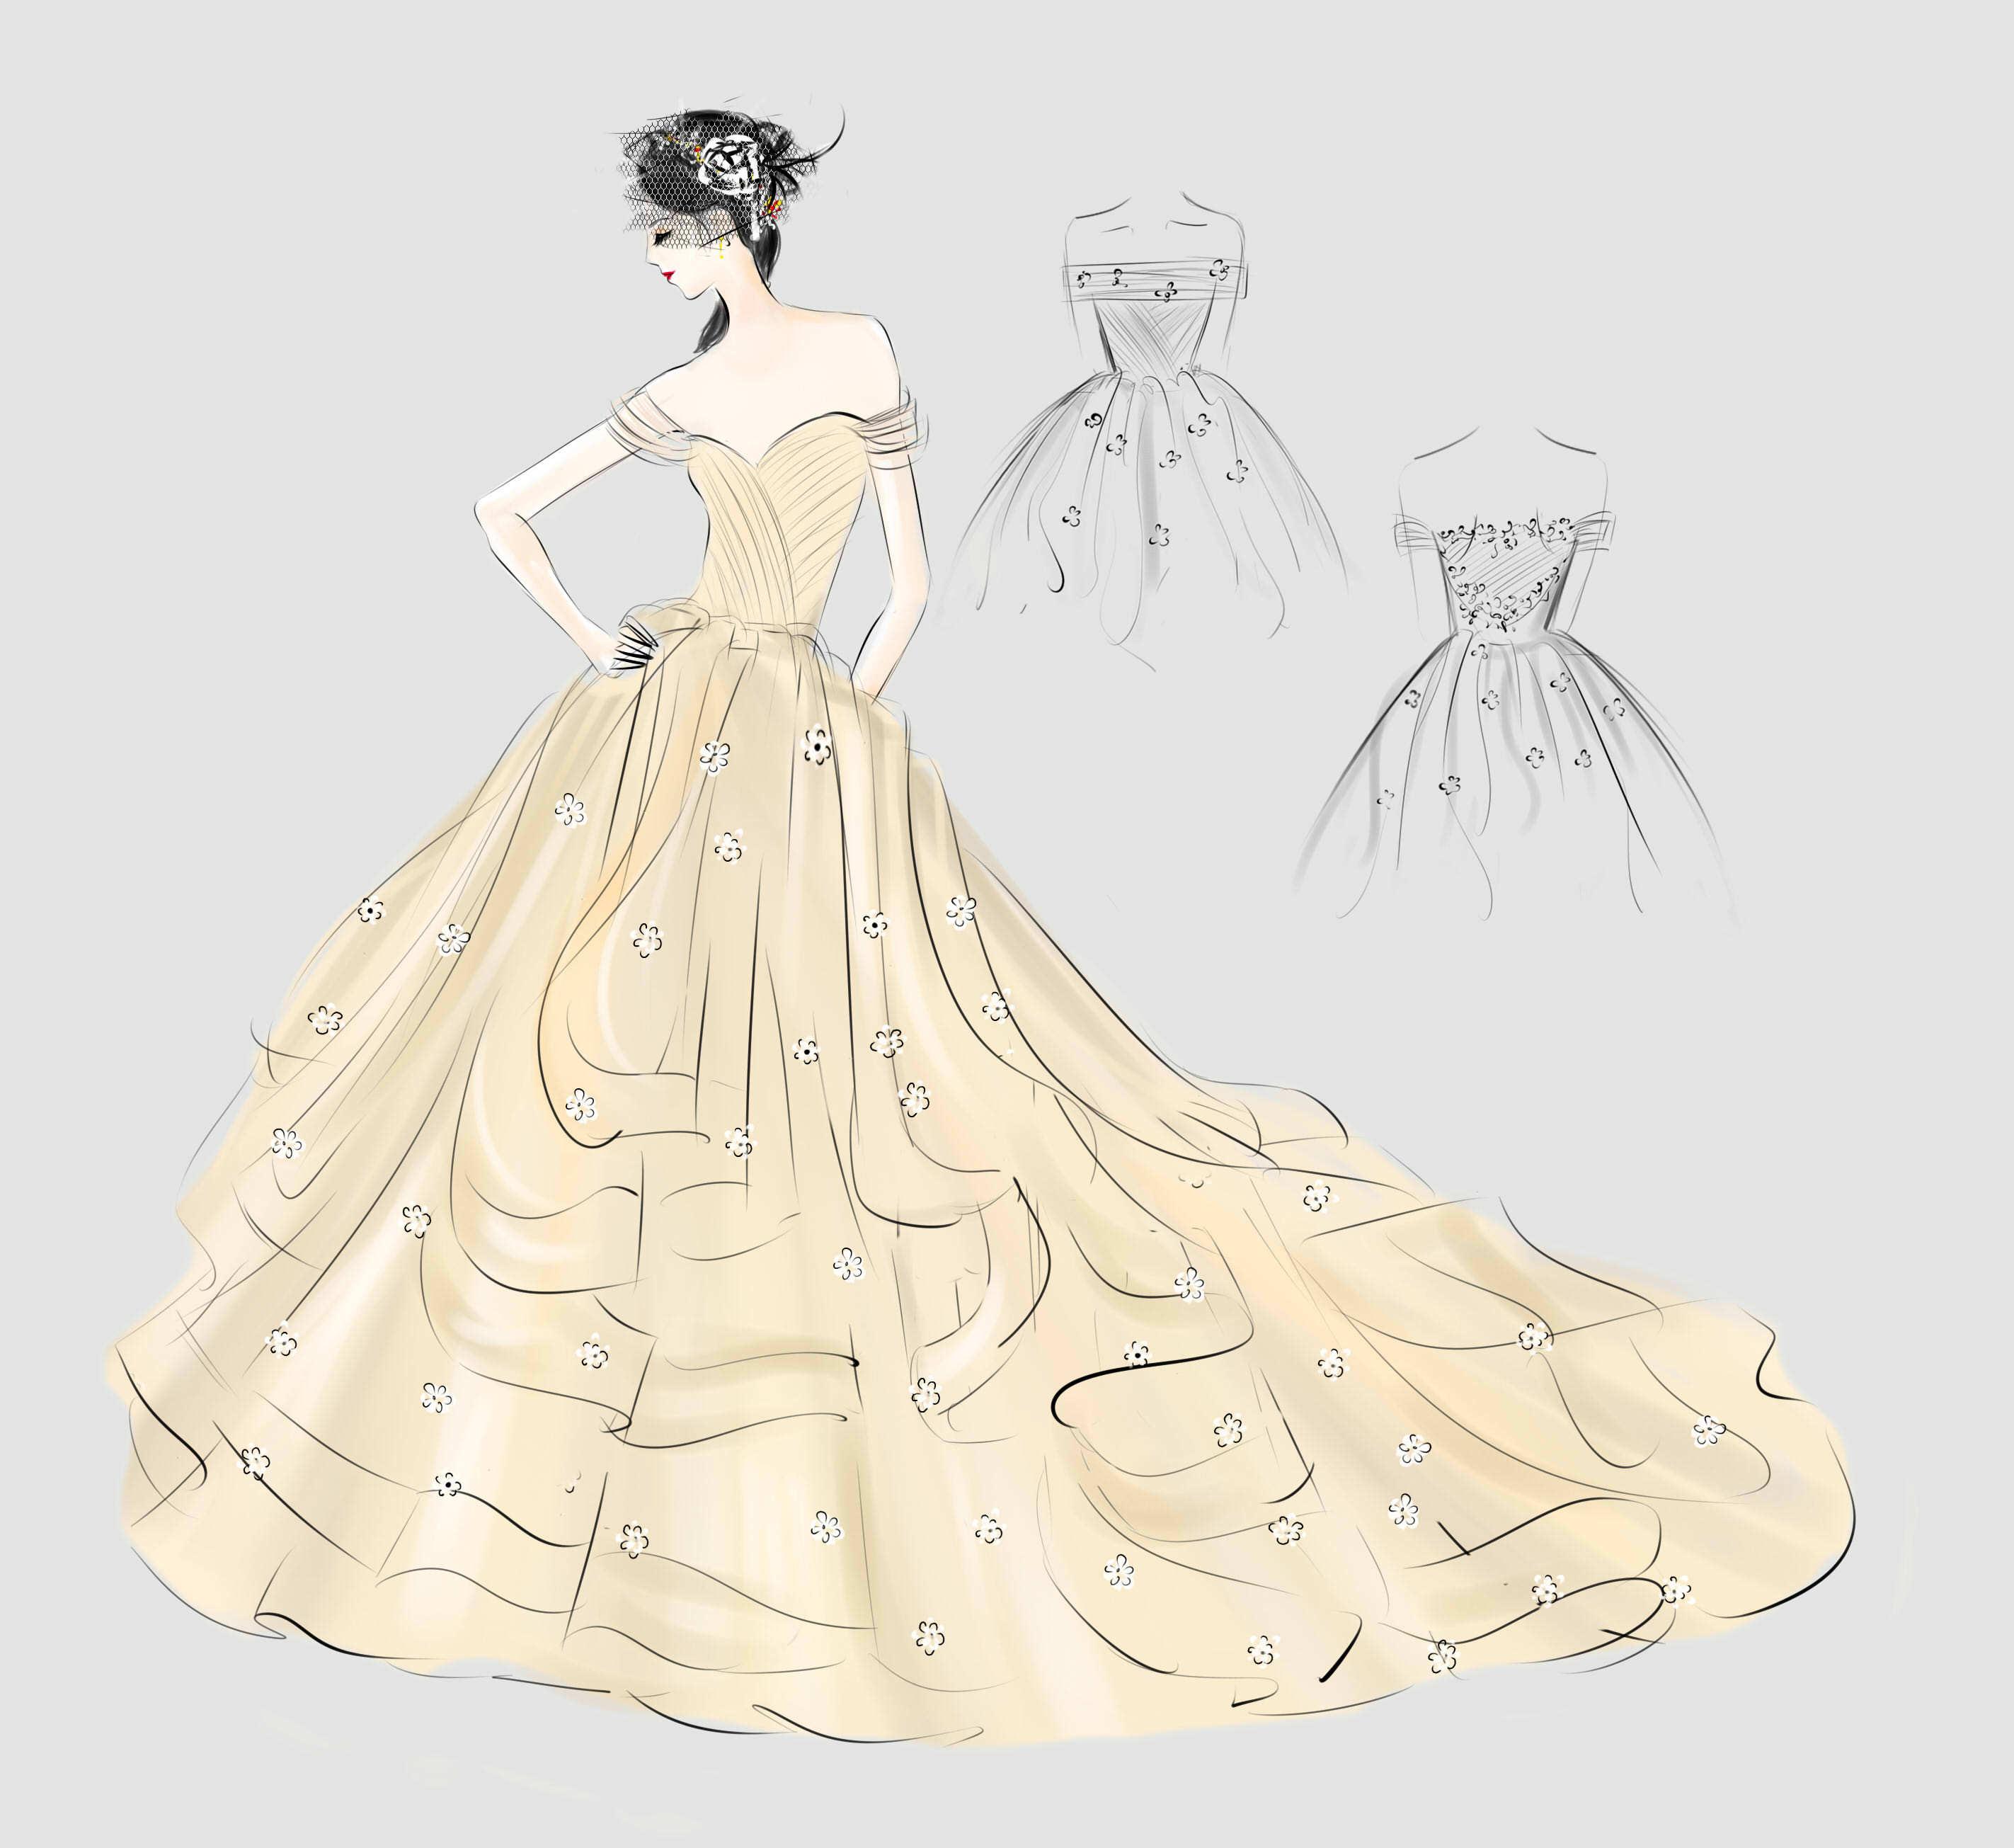 婚纱手绘|服装|正装/礼服|aceyqian - 原创作品